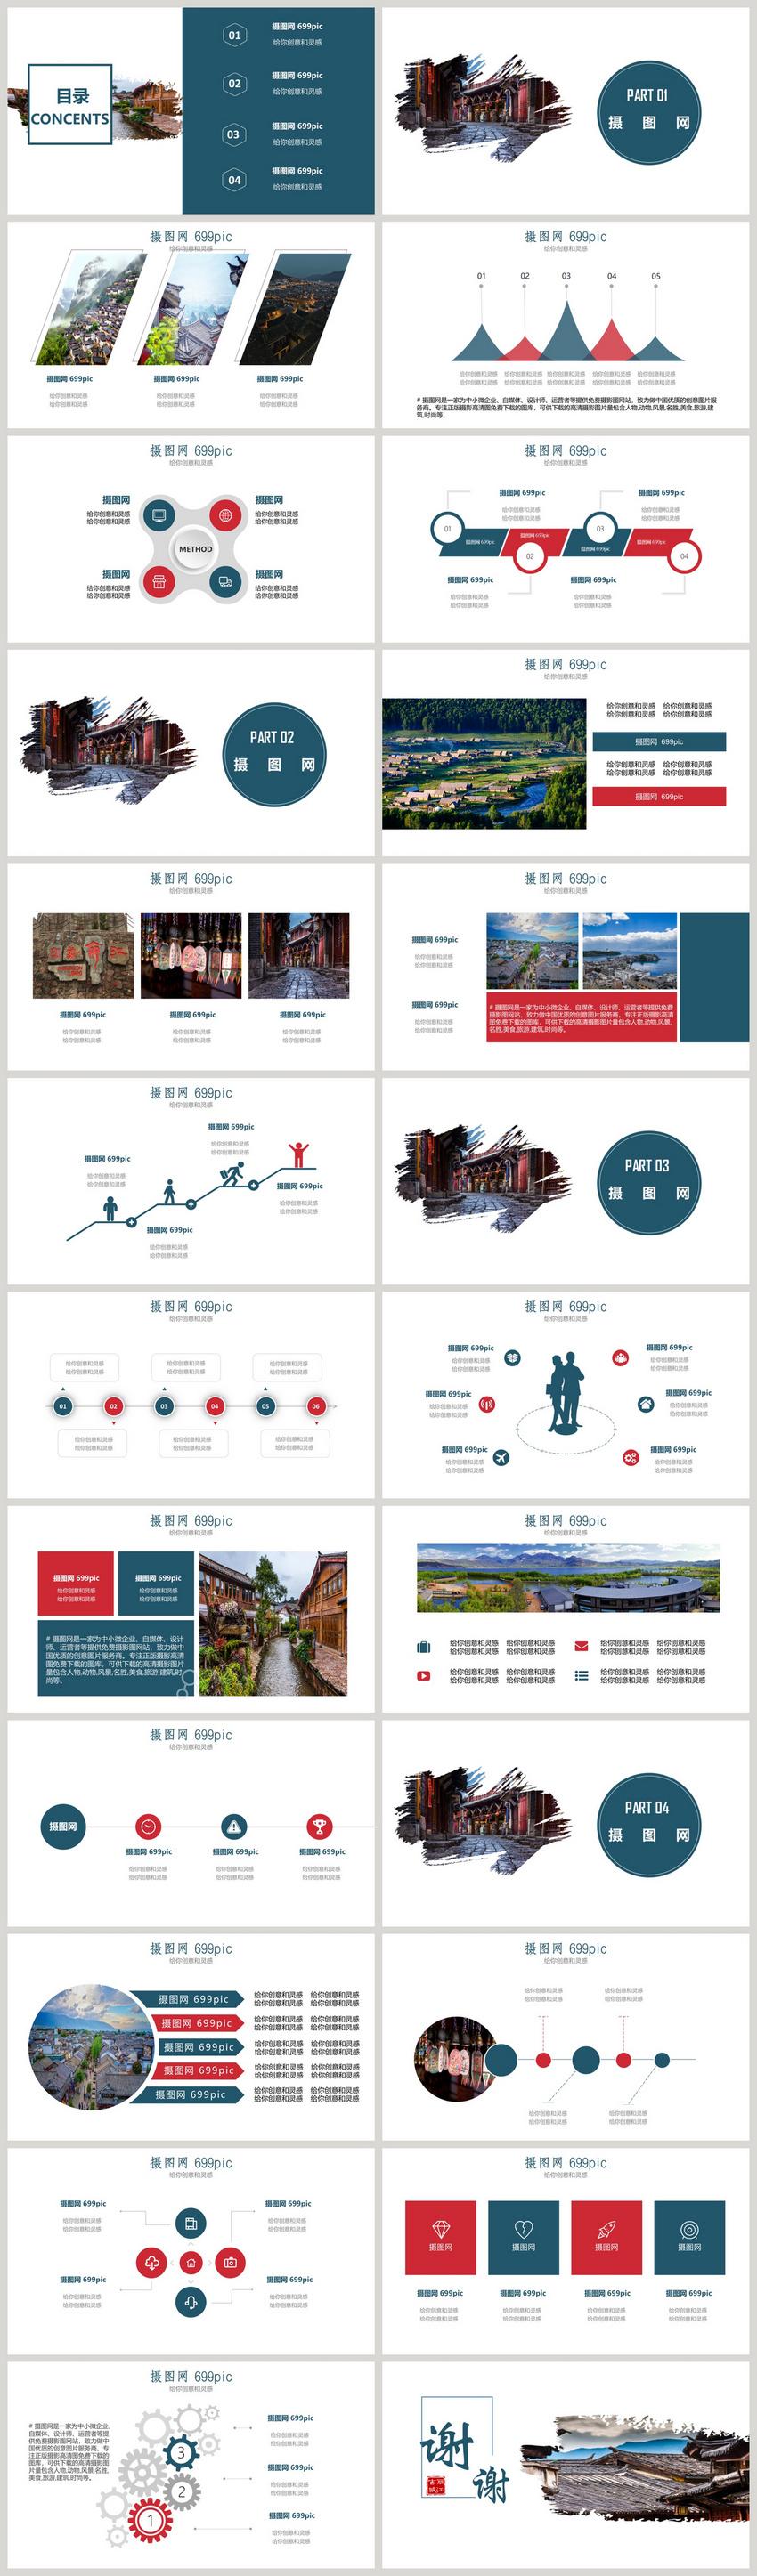 云南丽江旅游相册PPT模板图片